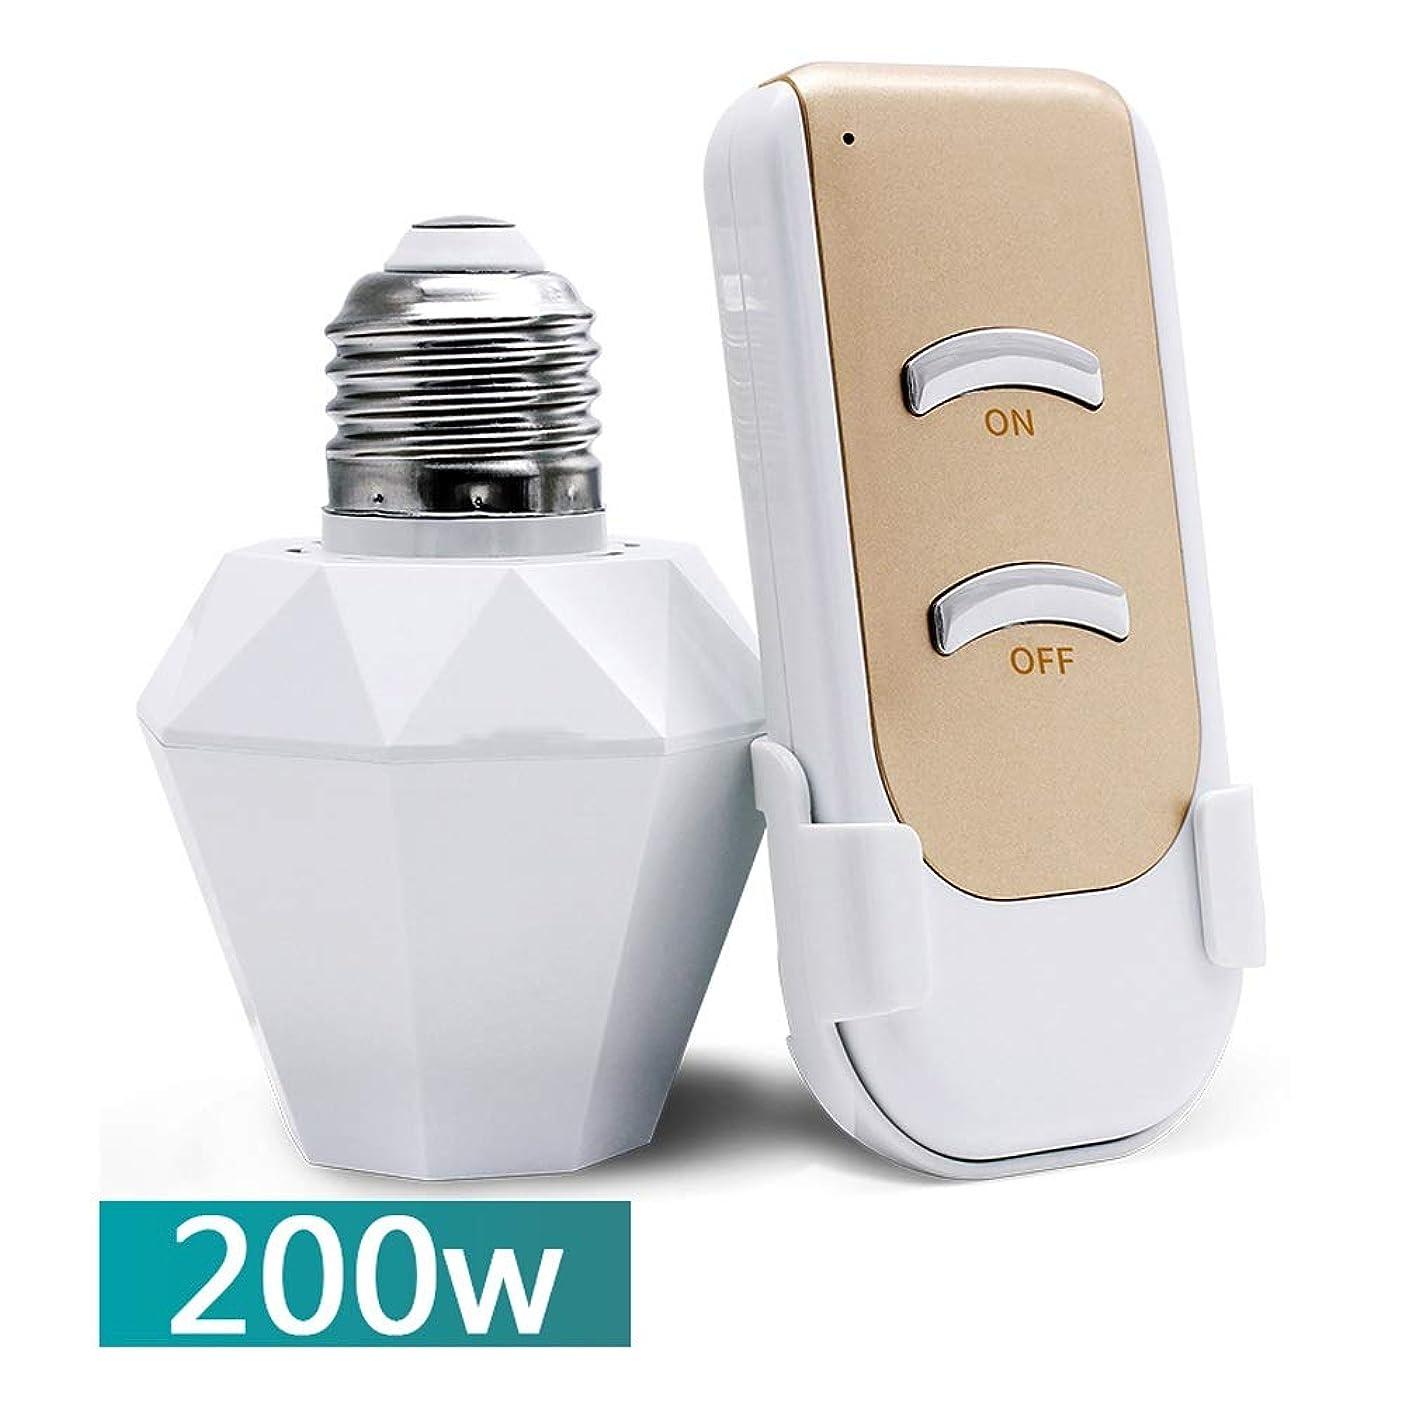 デッキ手段ワイヤレスリモコンライトソケット電球ランプホルダーソケットキャップランプスイッチキット、ホワイトアダプターE27 E26スクリューポート標準電球 TZZ (サイズ さいず : Style D)